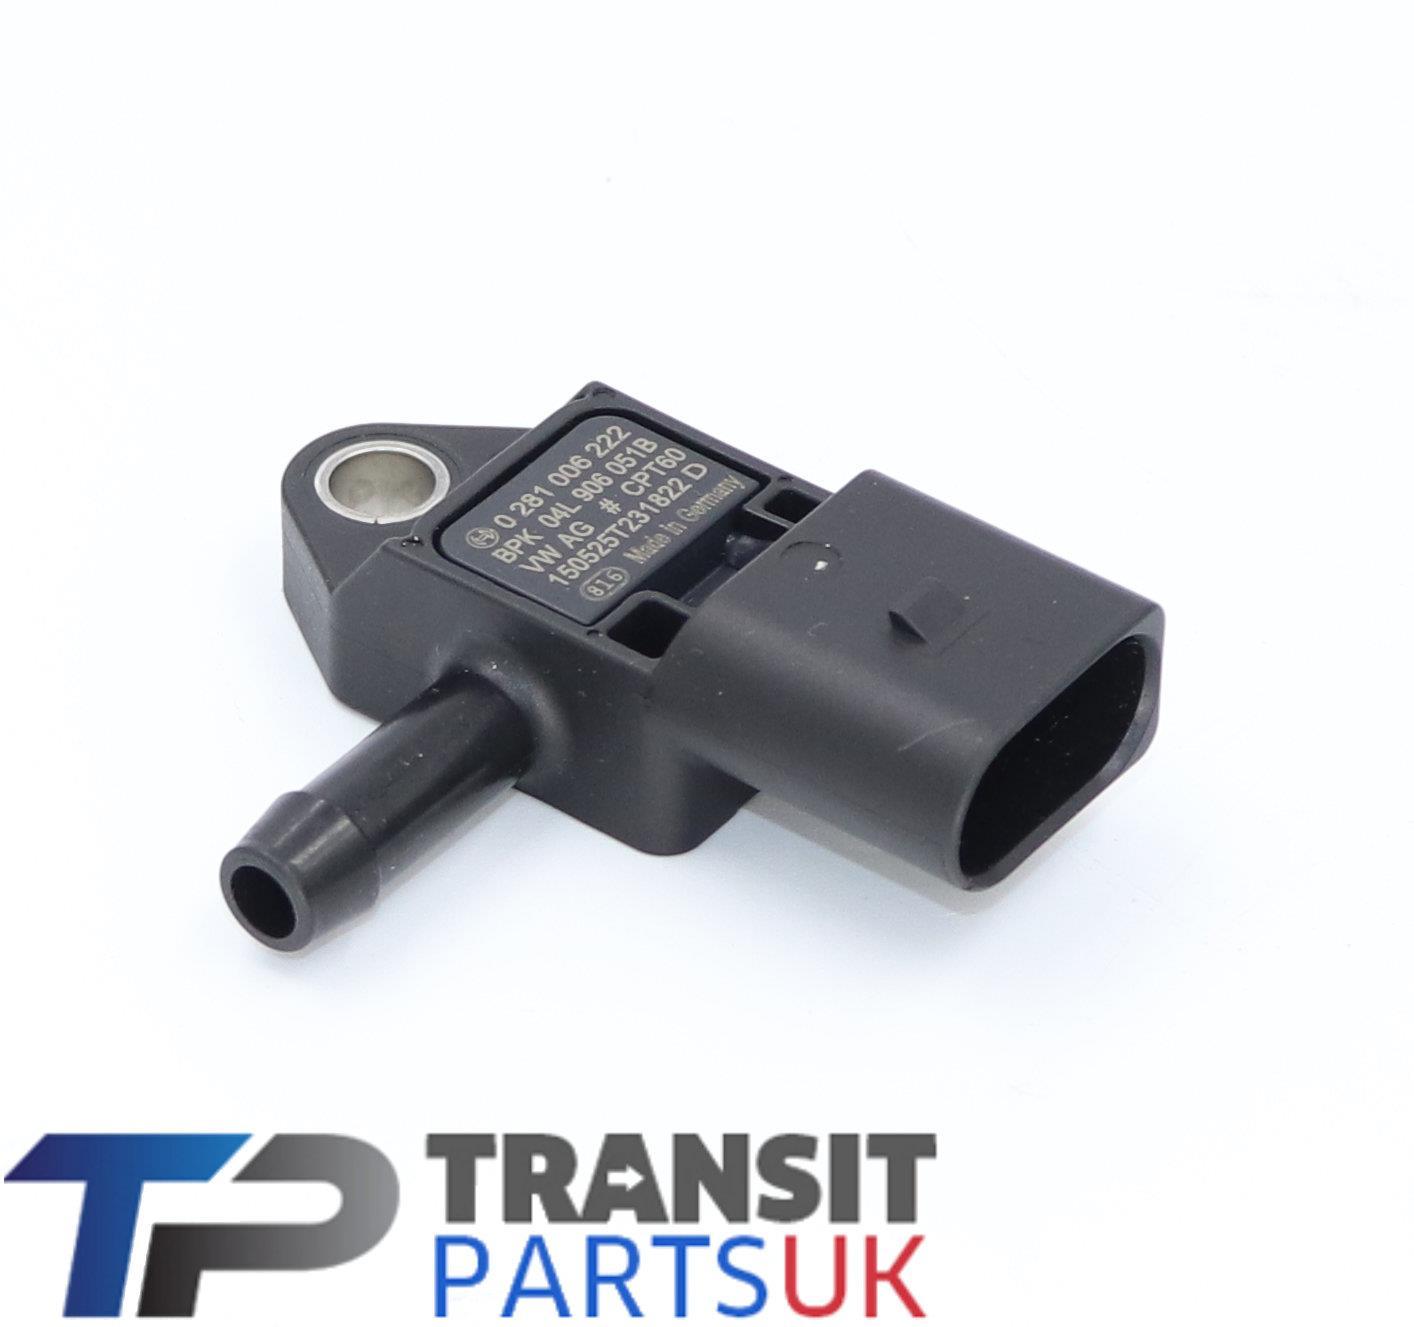 B6 Bosch MAP Sensor Boost Pressure Fits VW Passat 1.9 TDI UK Bosch Stockist